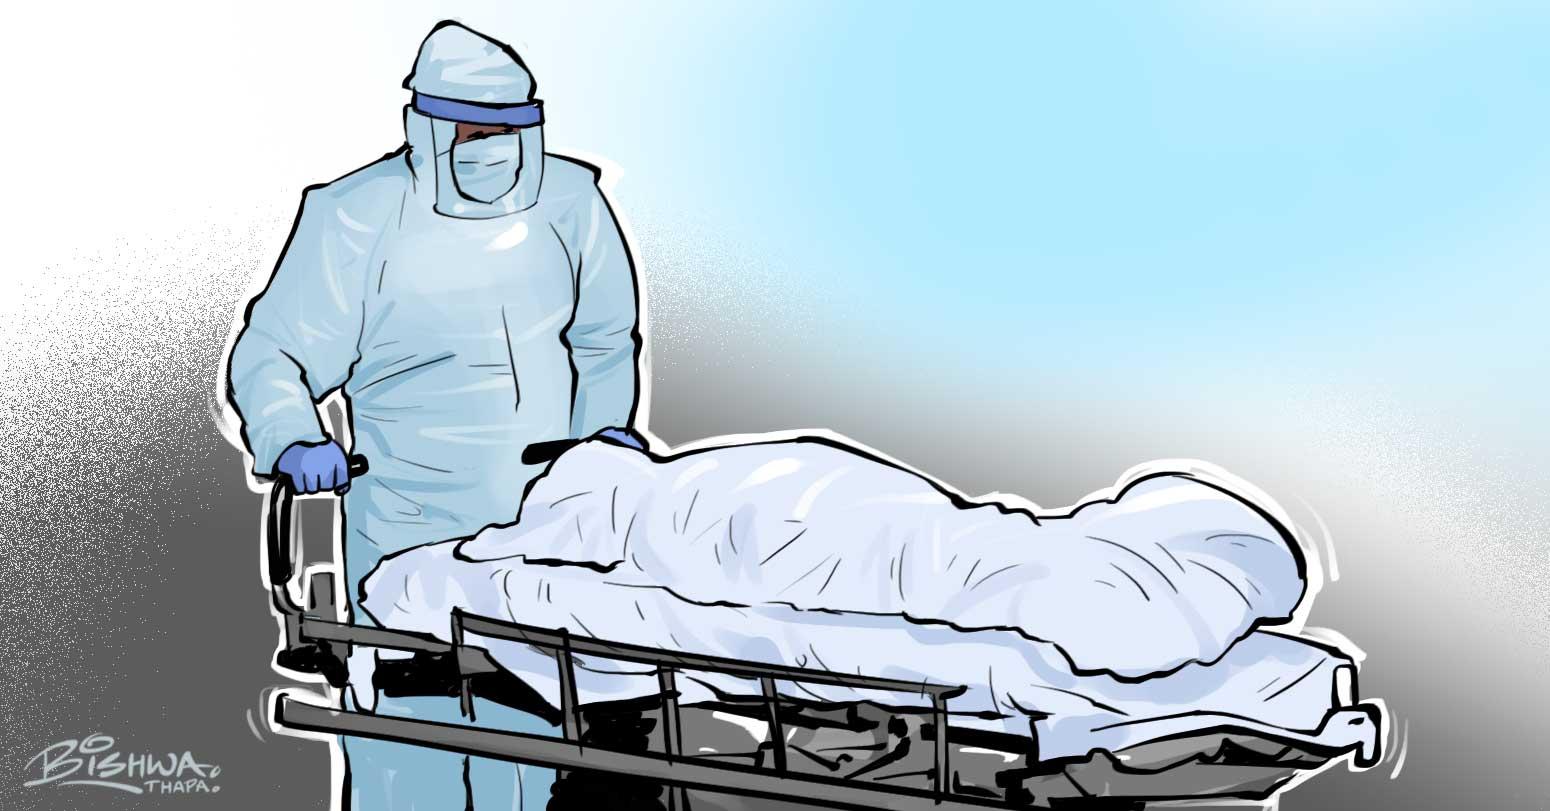 कोरोना संक्रमित थप १२ जनाको मृत्यु, अहिलेसम्म एक सय ९५ जनाको निधन